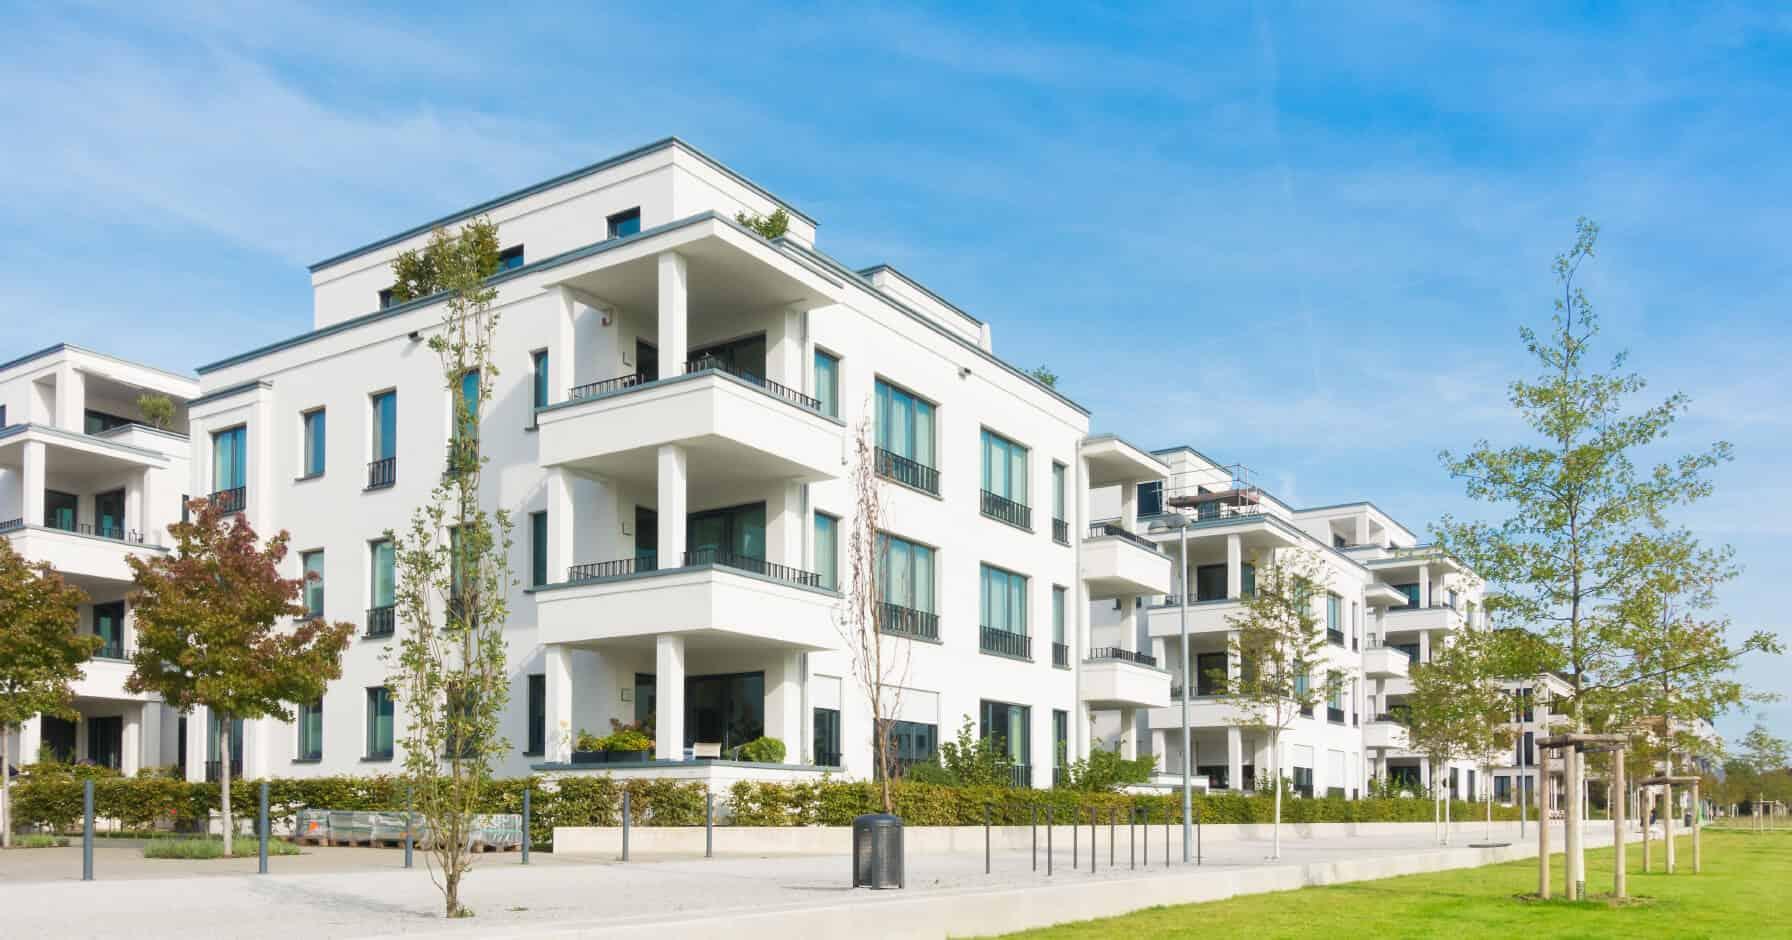 Mietvertrag partner eigentumswohnung